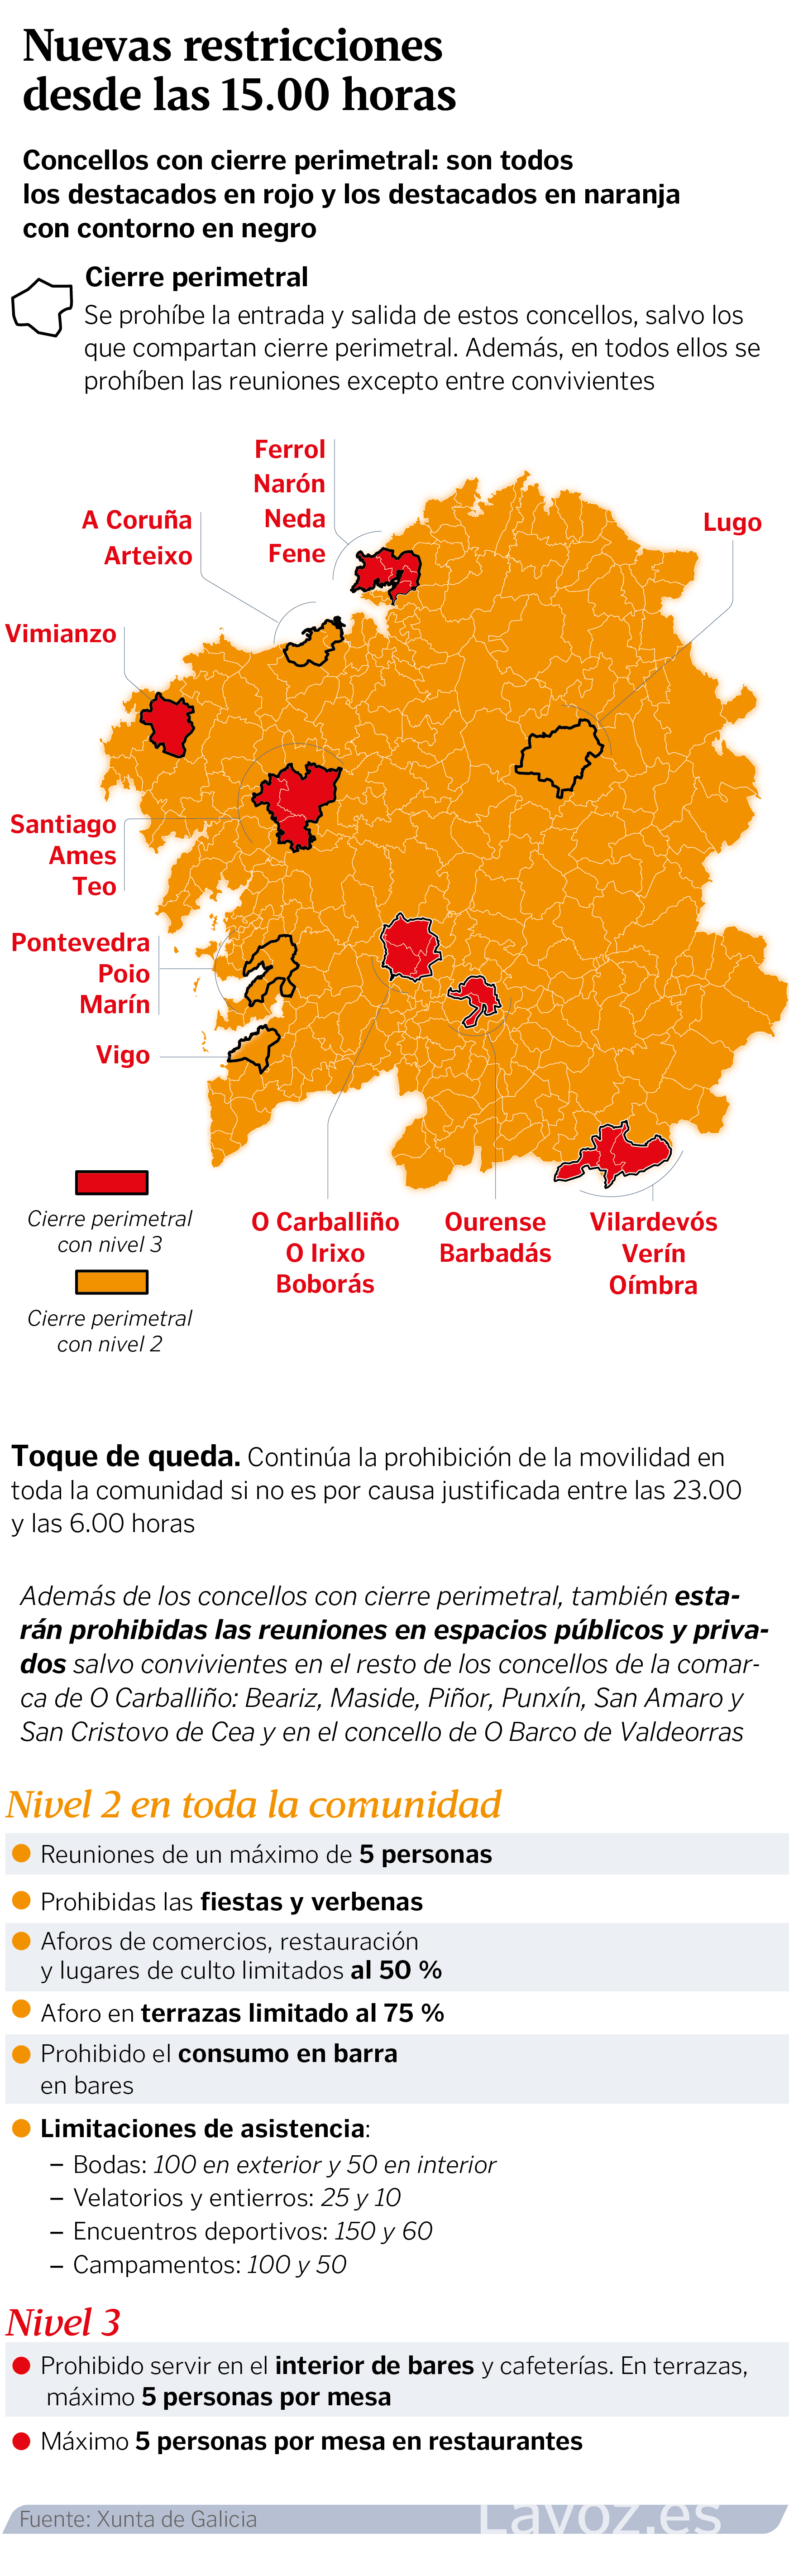 El Mapa De Las Nuevas Restricciones En Galicia